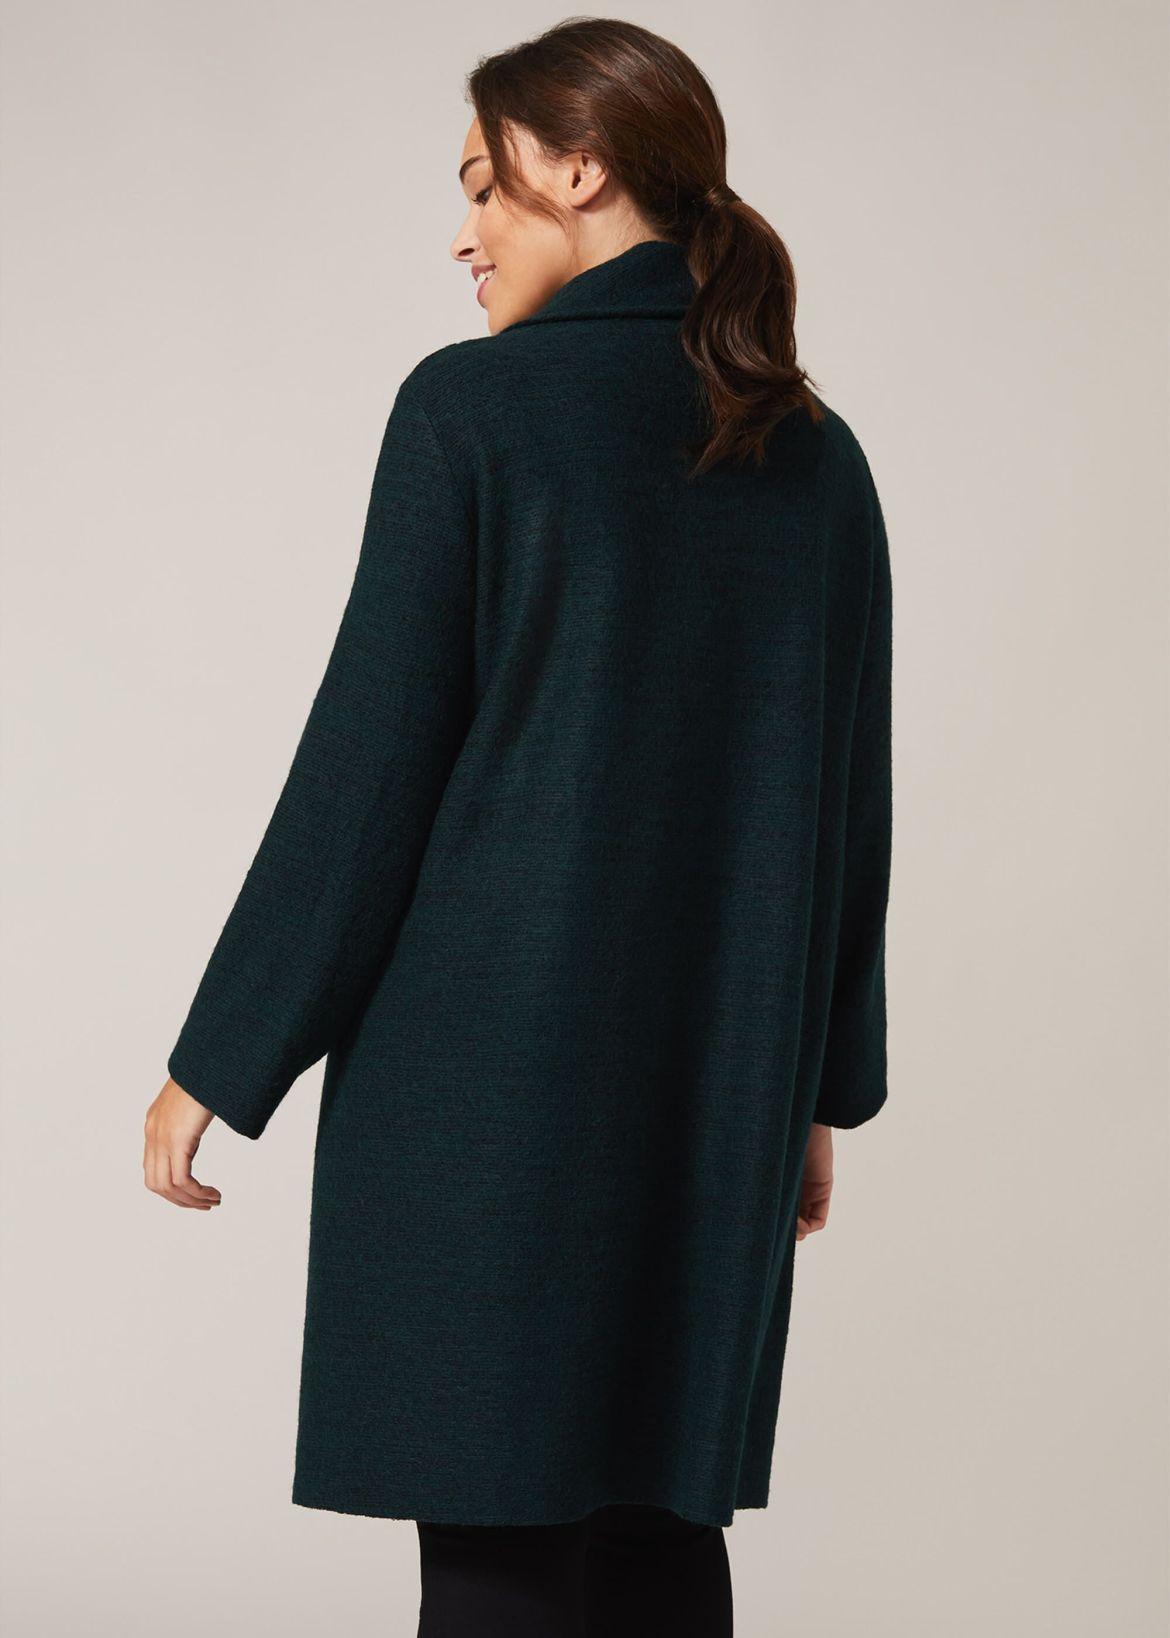 Bellona Knit Coat